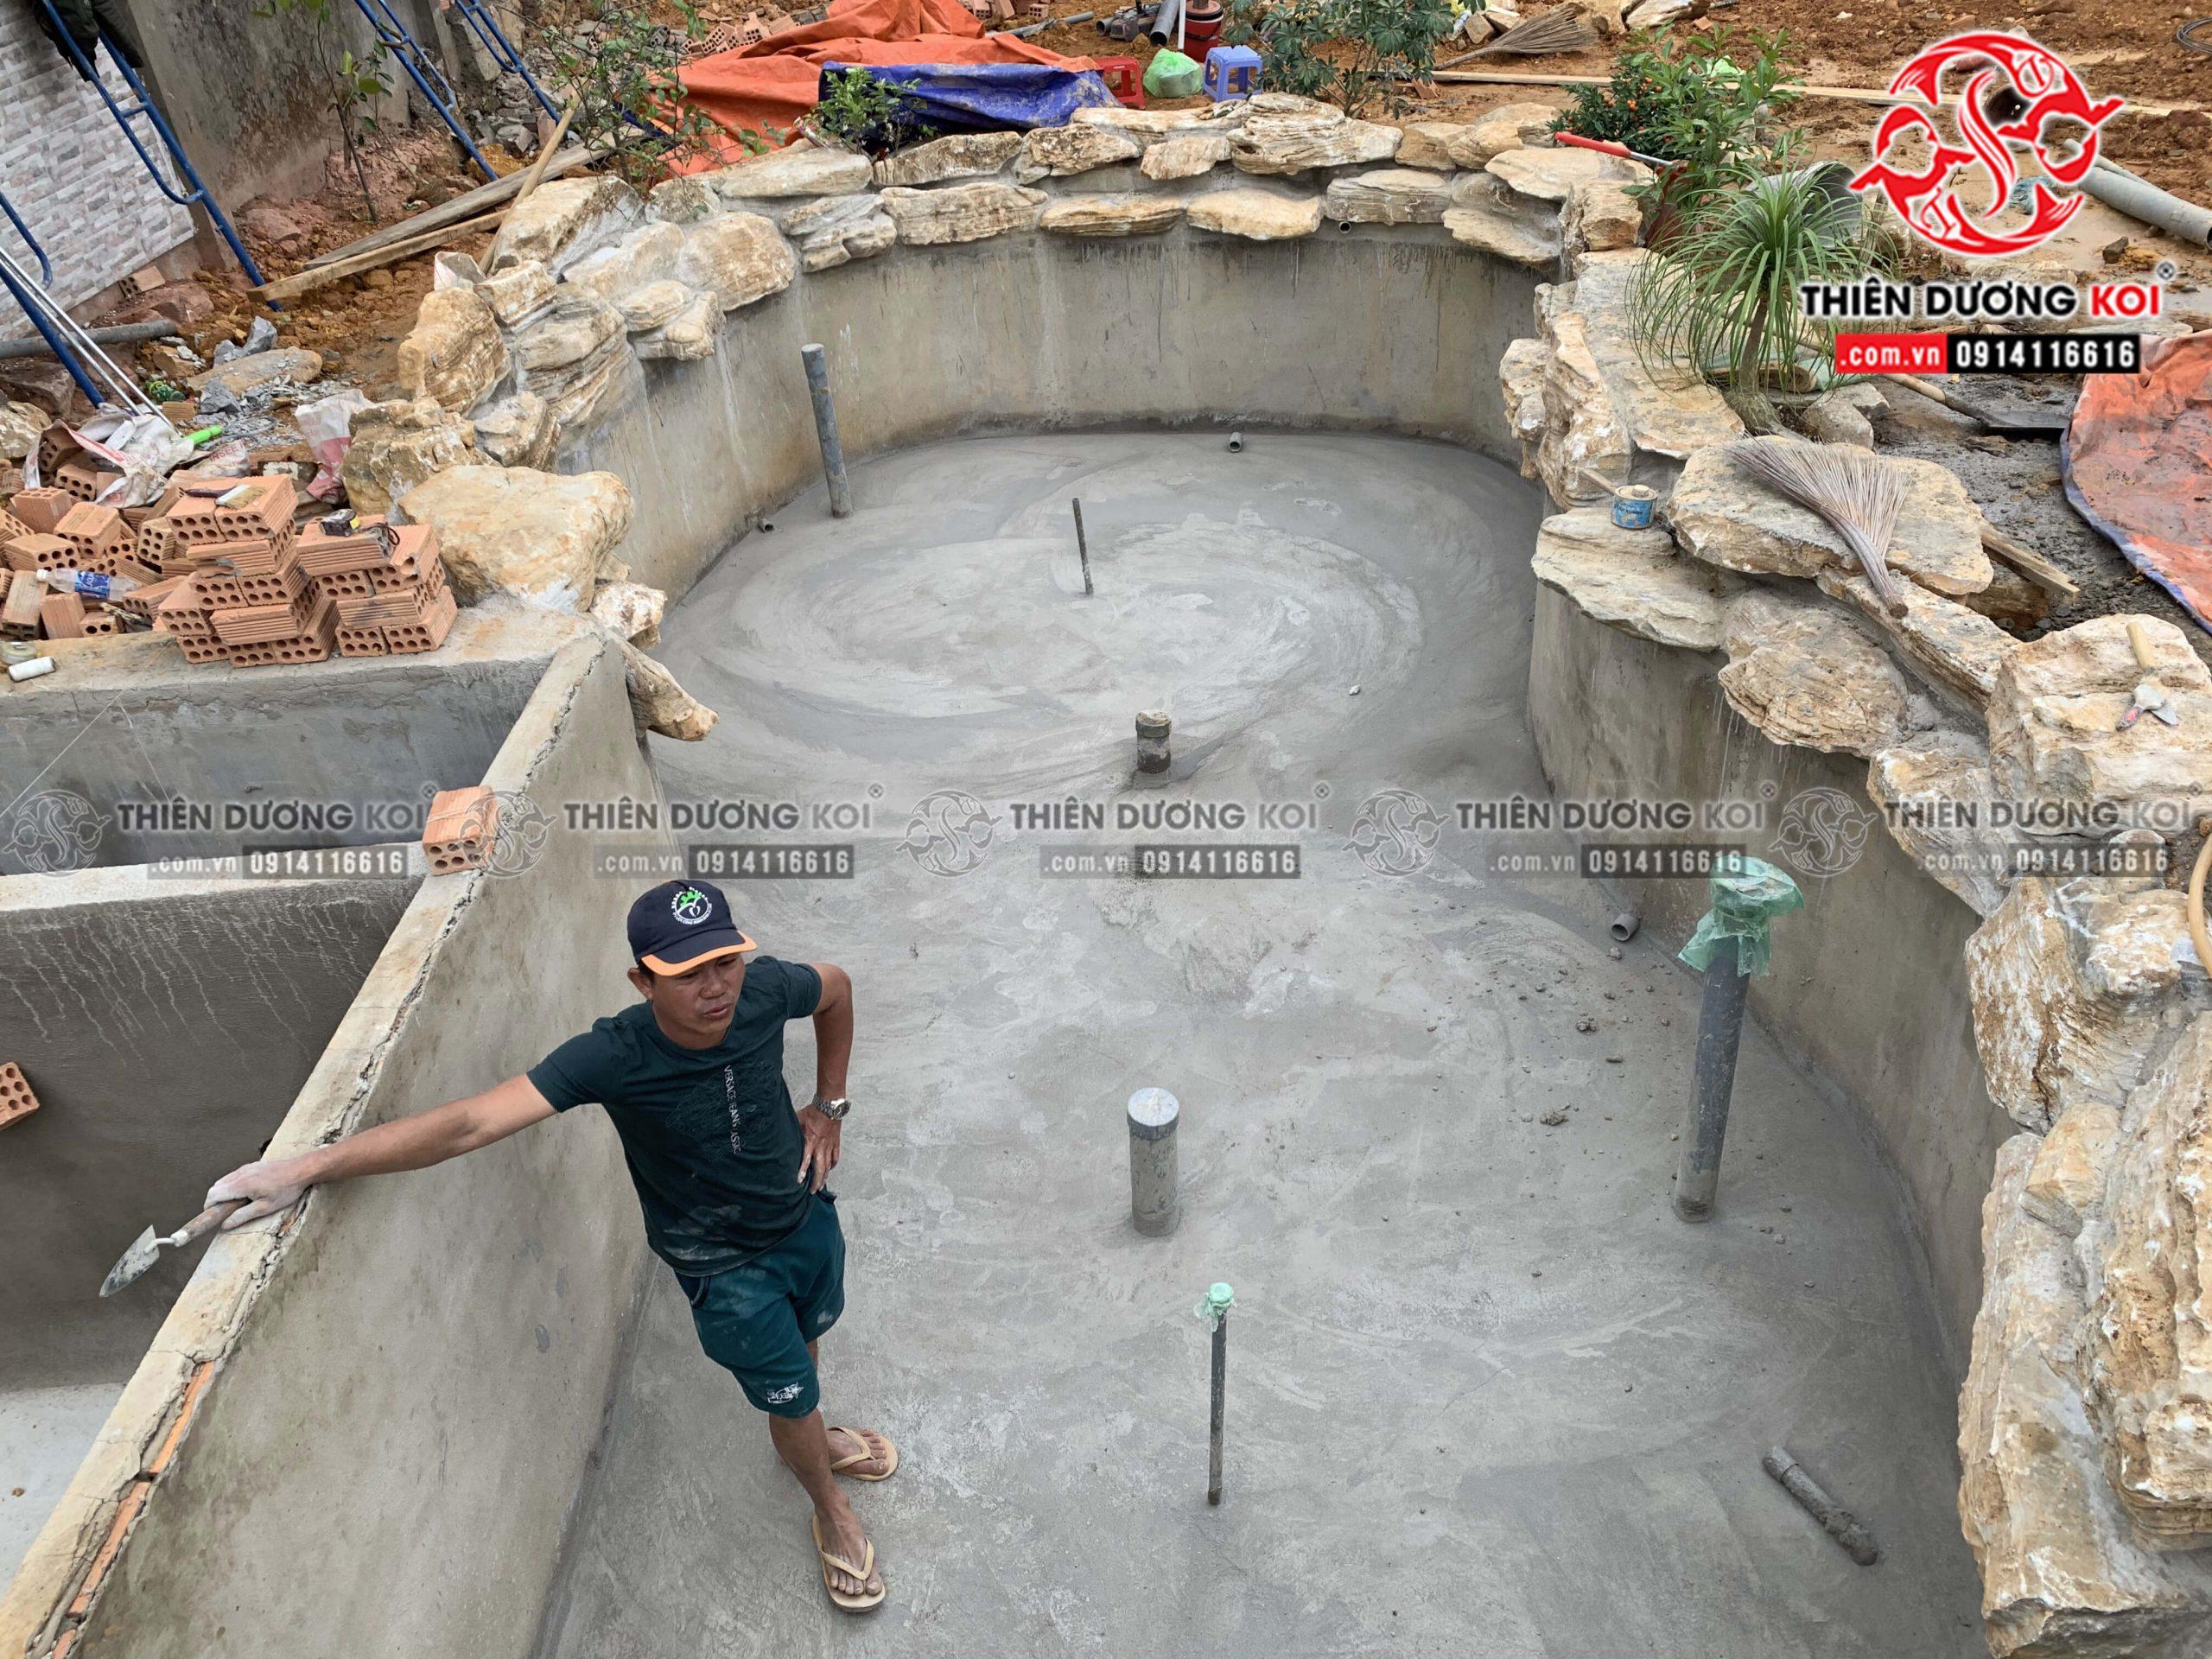 Quá trình thi công hồ cá koi của chị Nhu tại Đà Lạt